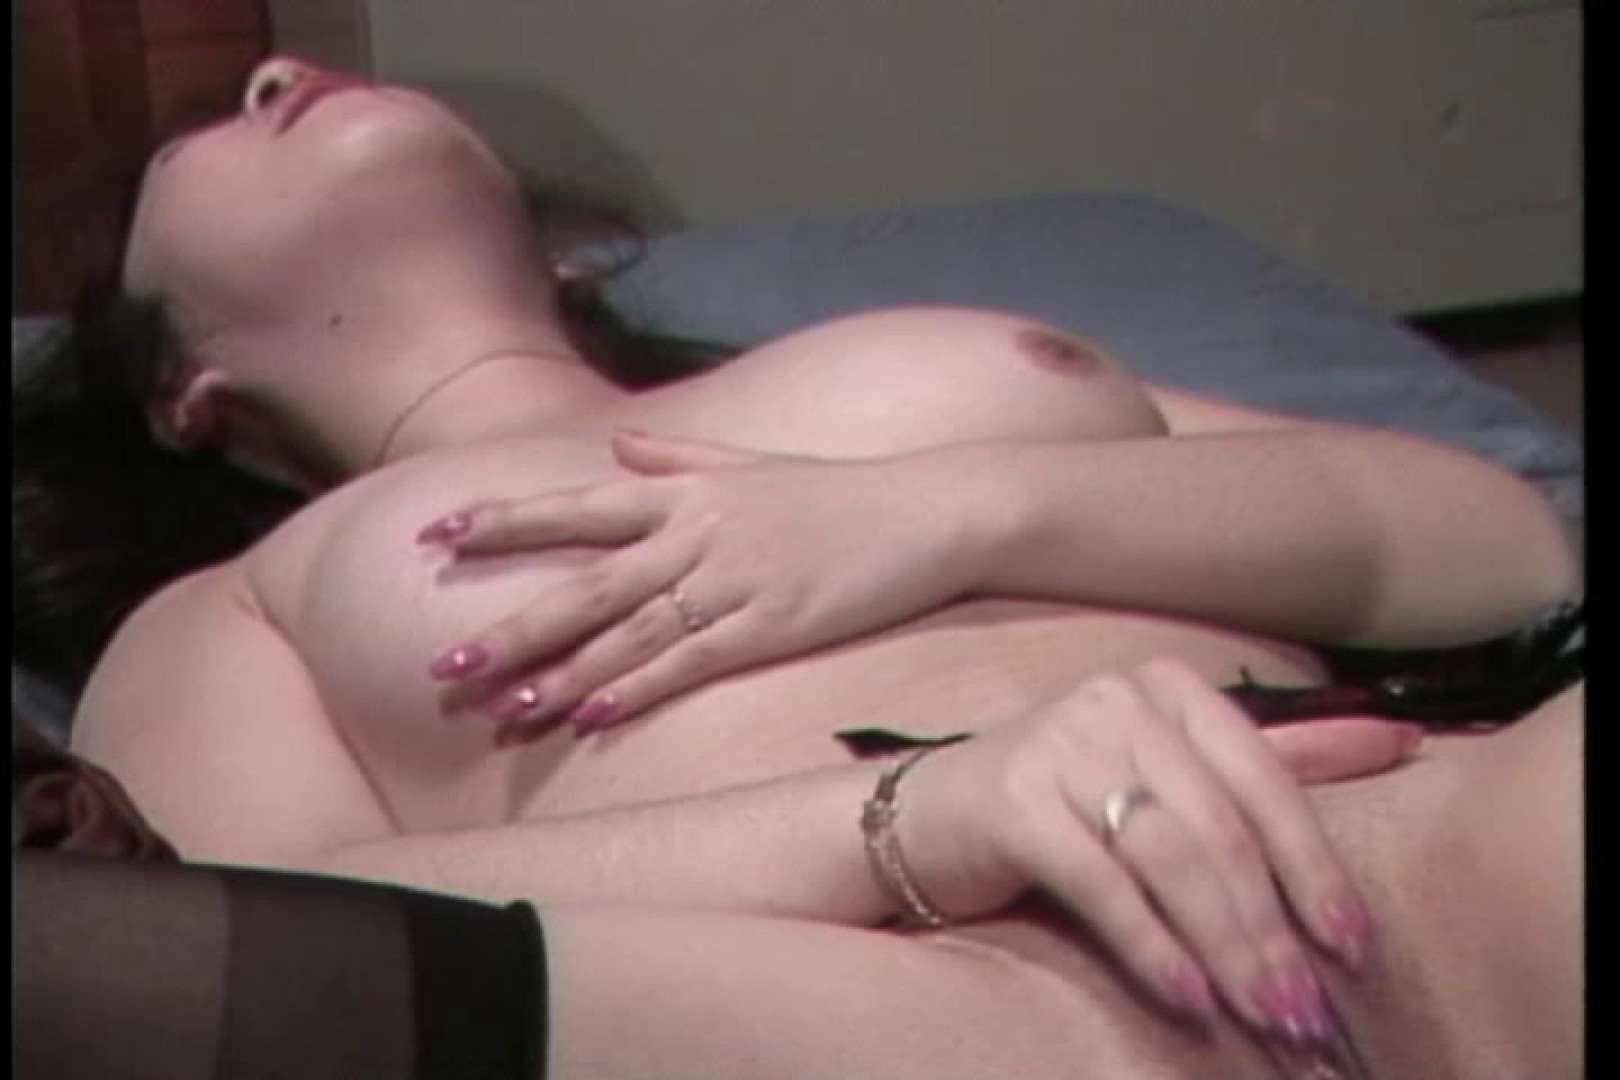 変態亜美のアブノーマルな世界・前編~夢野亜美~ オナニー特集   巨乳デカ乳  112画像 68